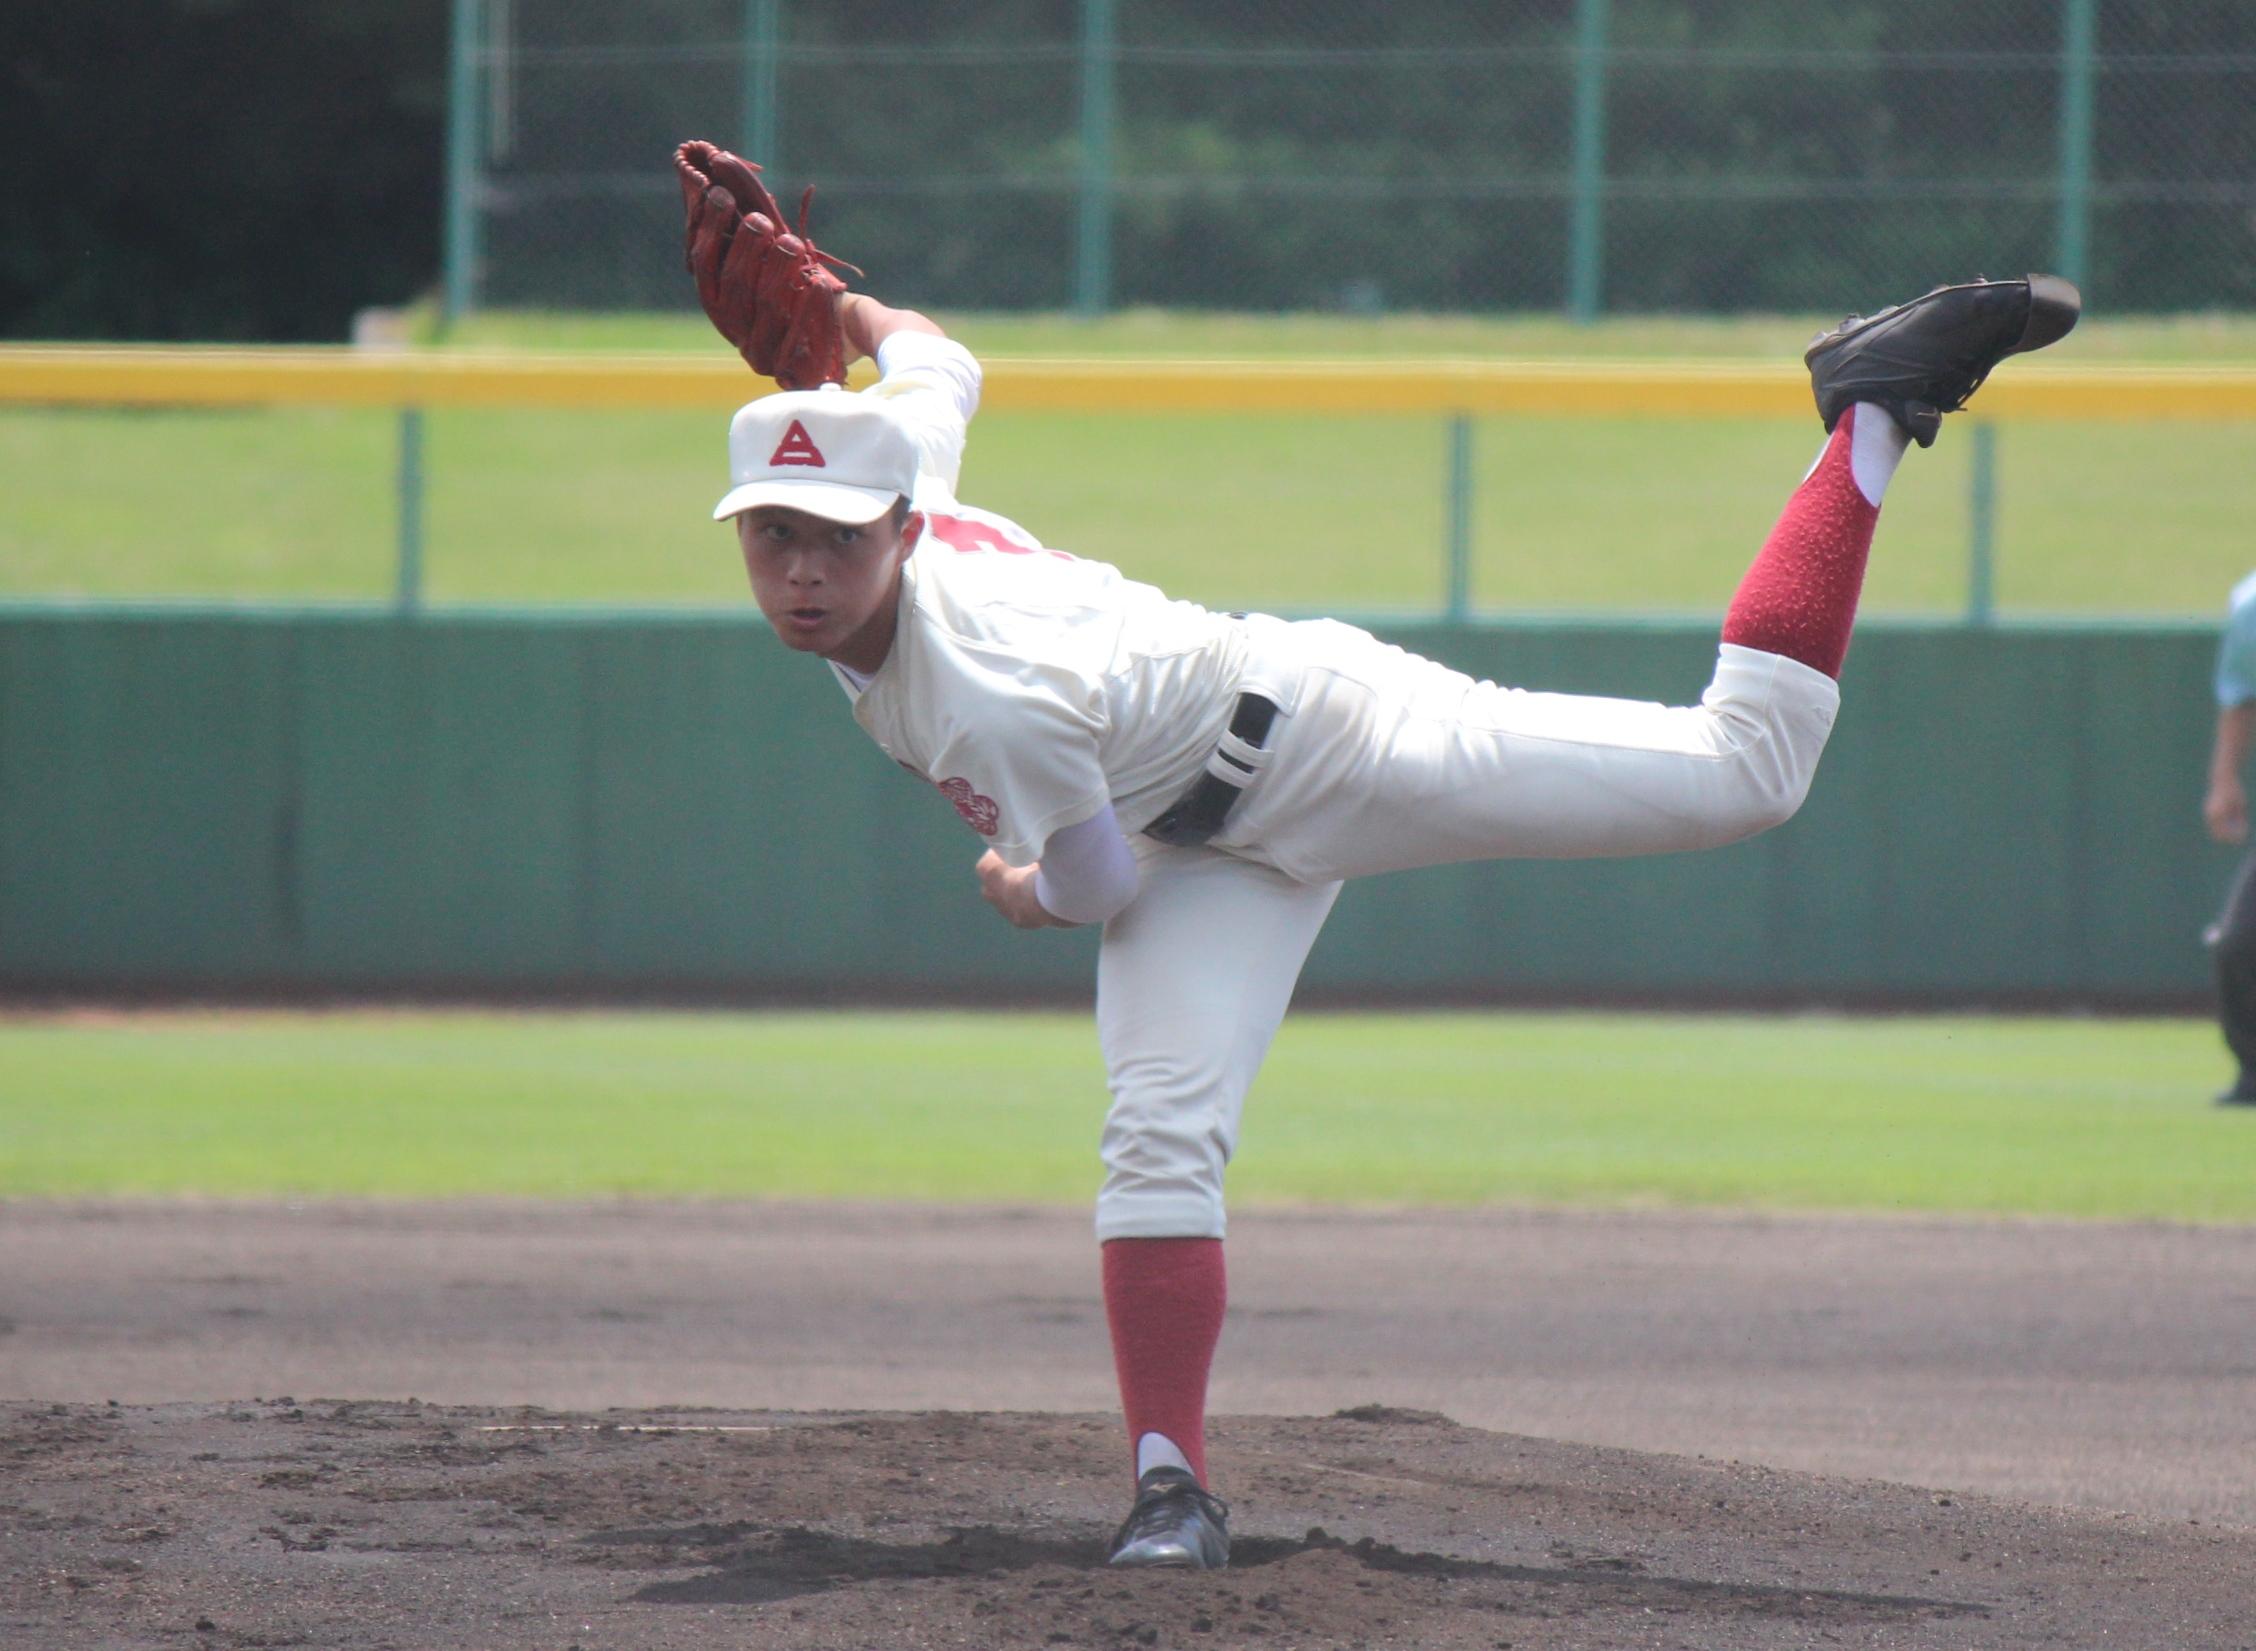 糸魚川 高校